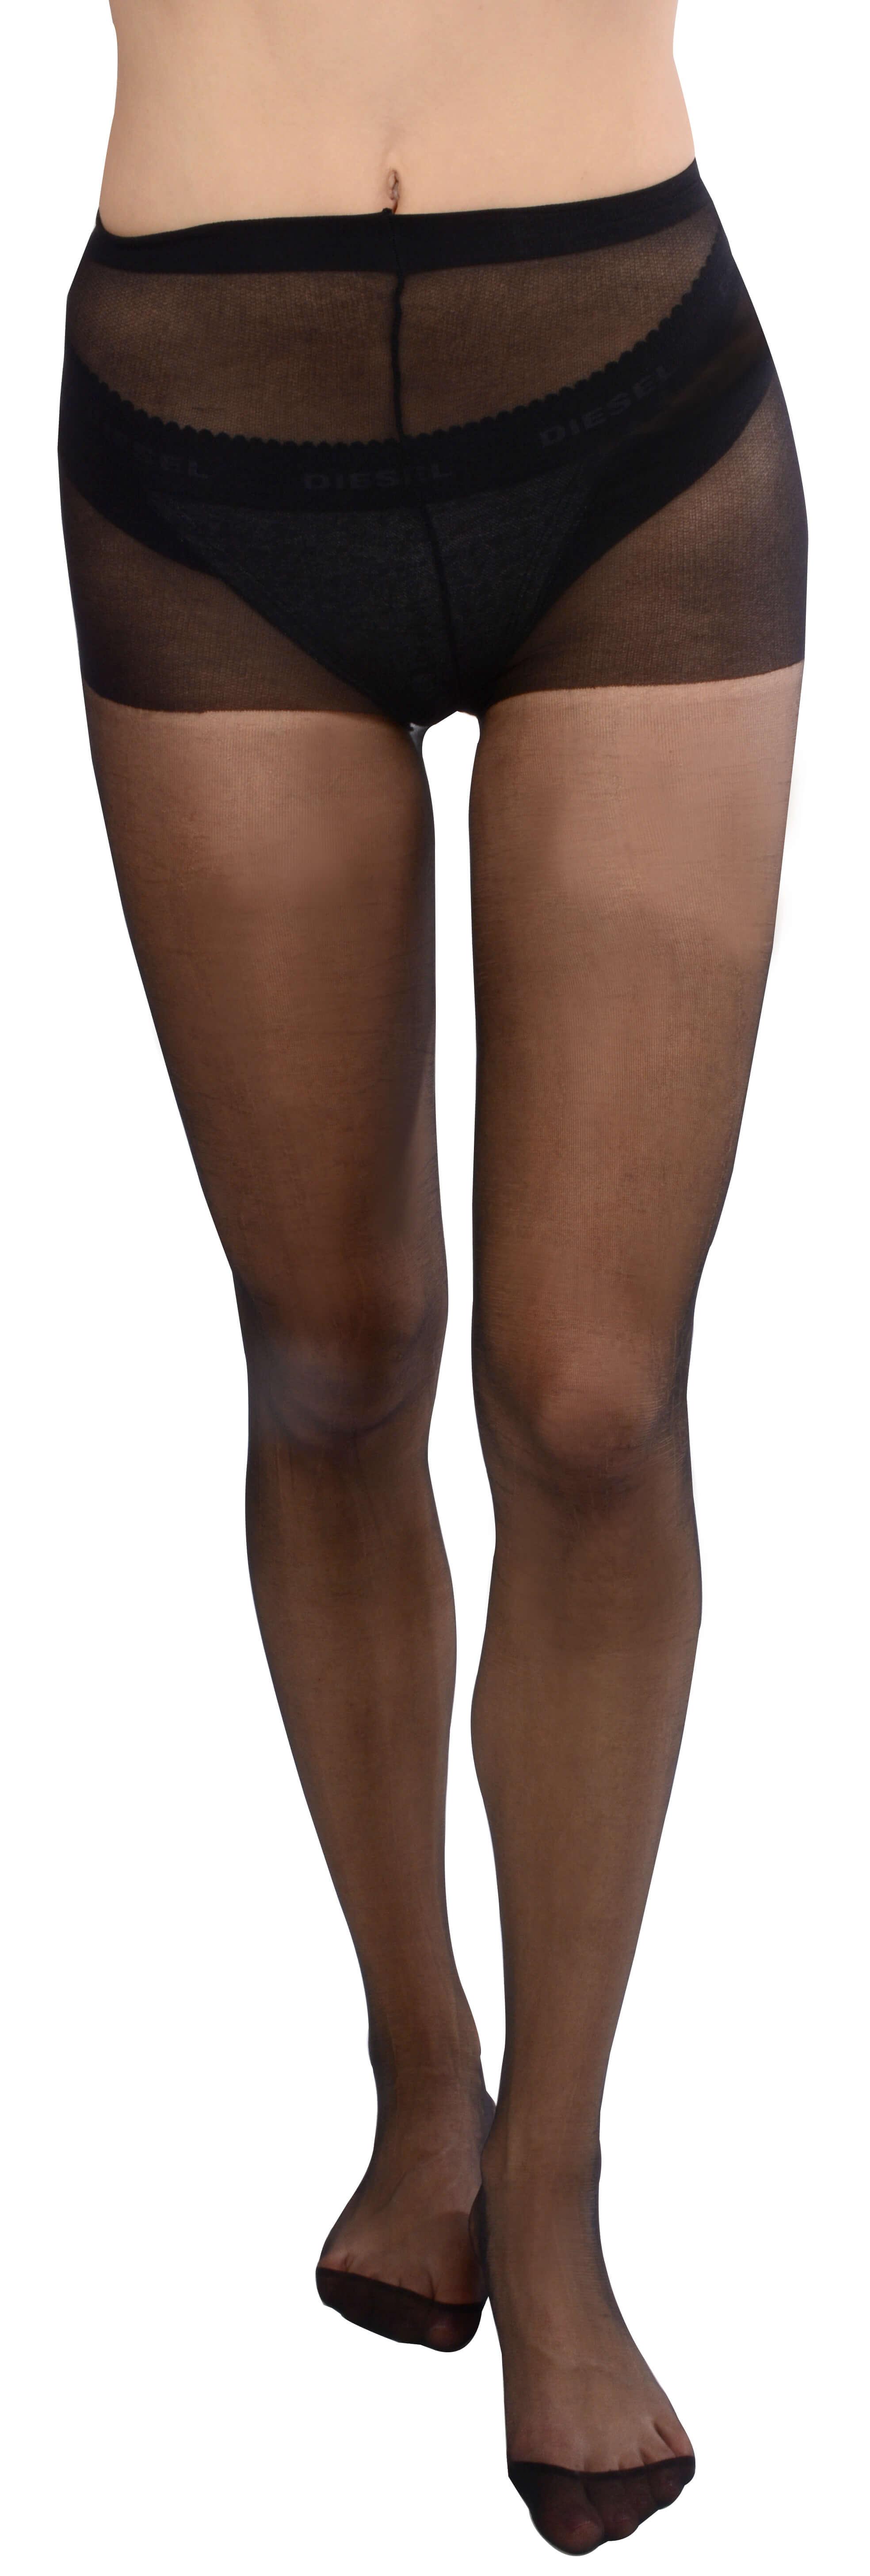 Evona Dámské punčochové kalhoty NILI černá 999  2e53c60ad7